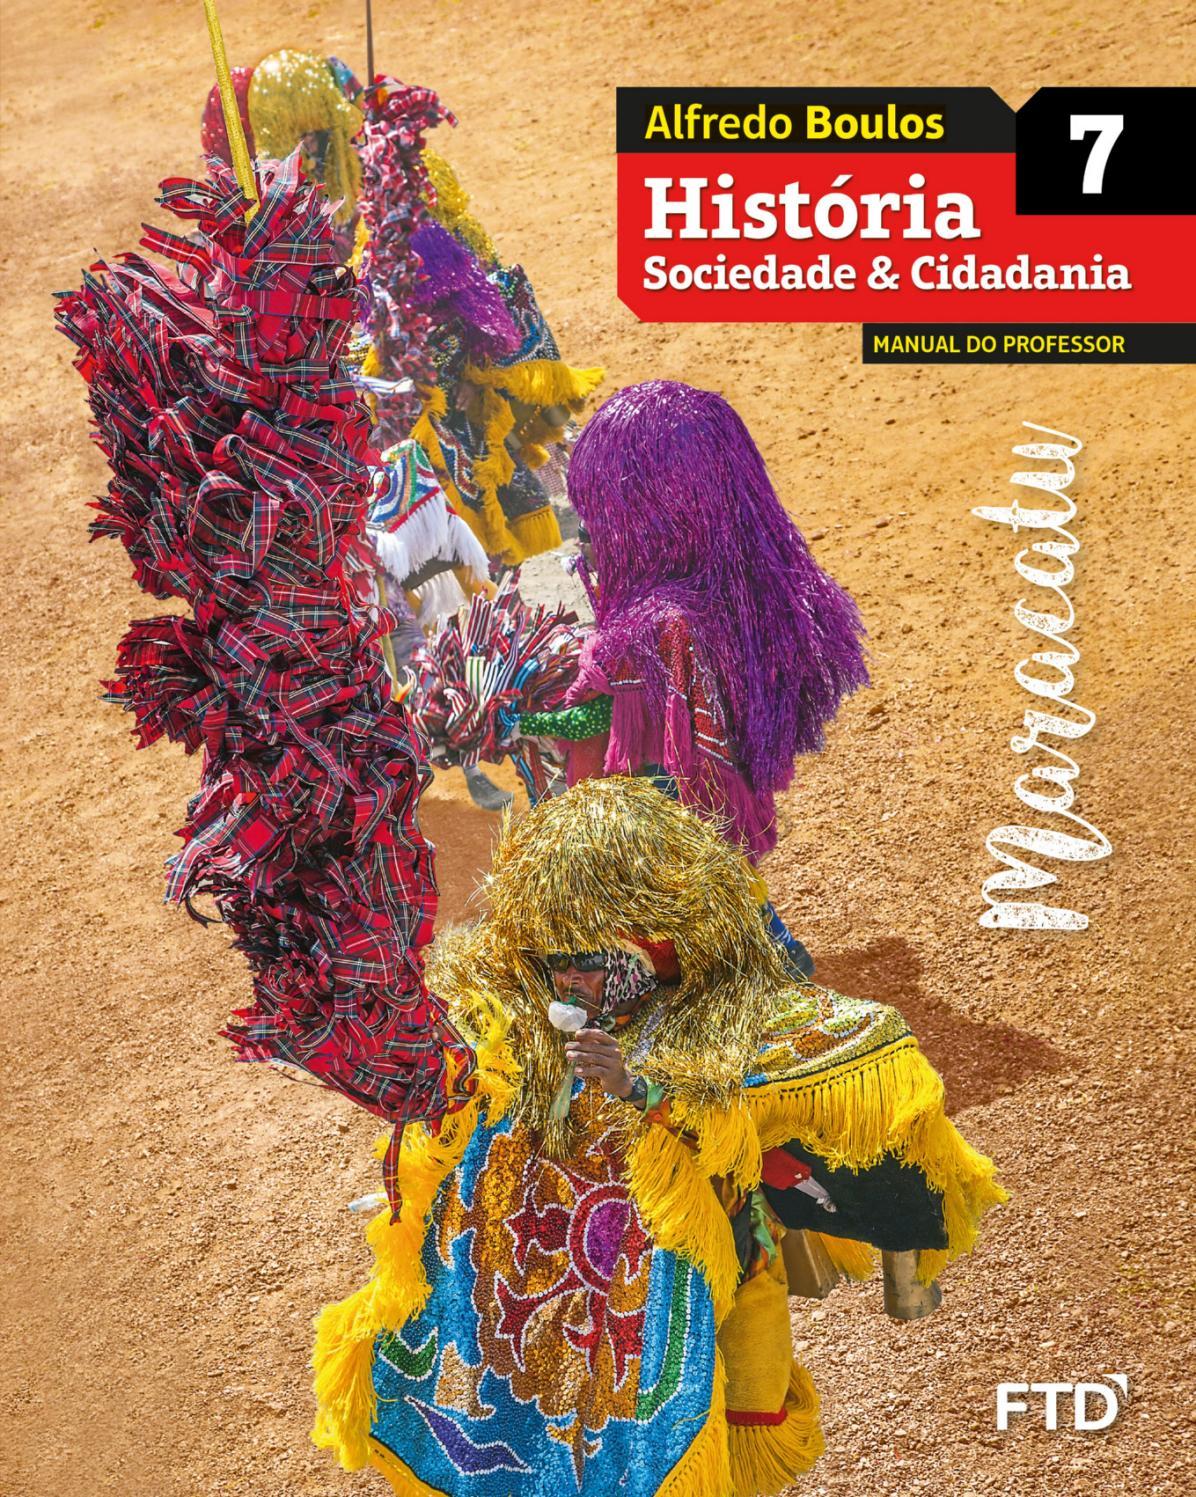 A Civilização Do Ocidente Medieval Pdf historia sociedade 7editora ftd - issuu